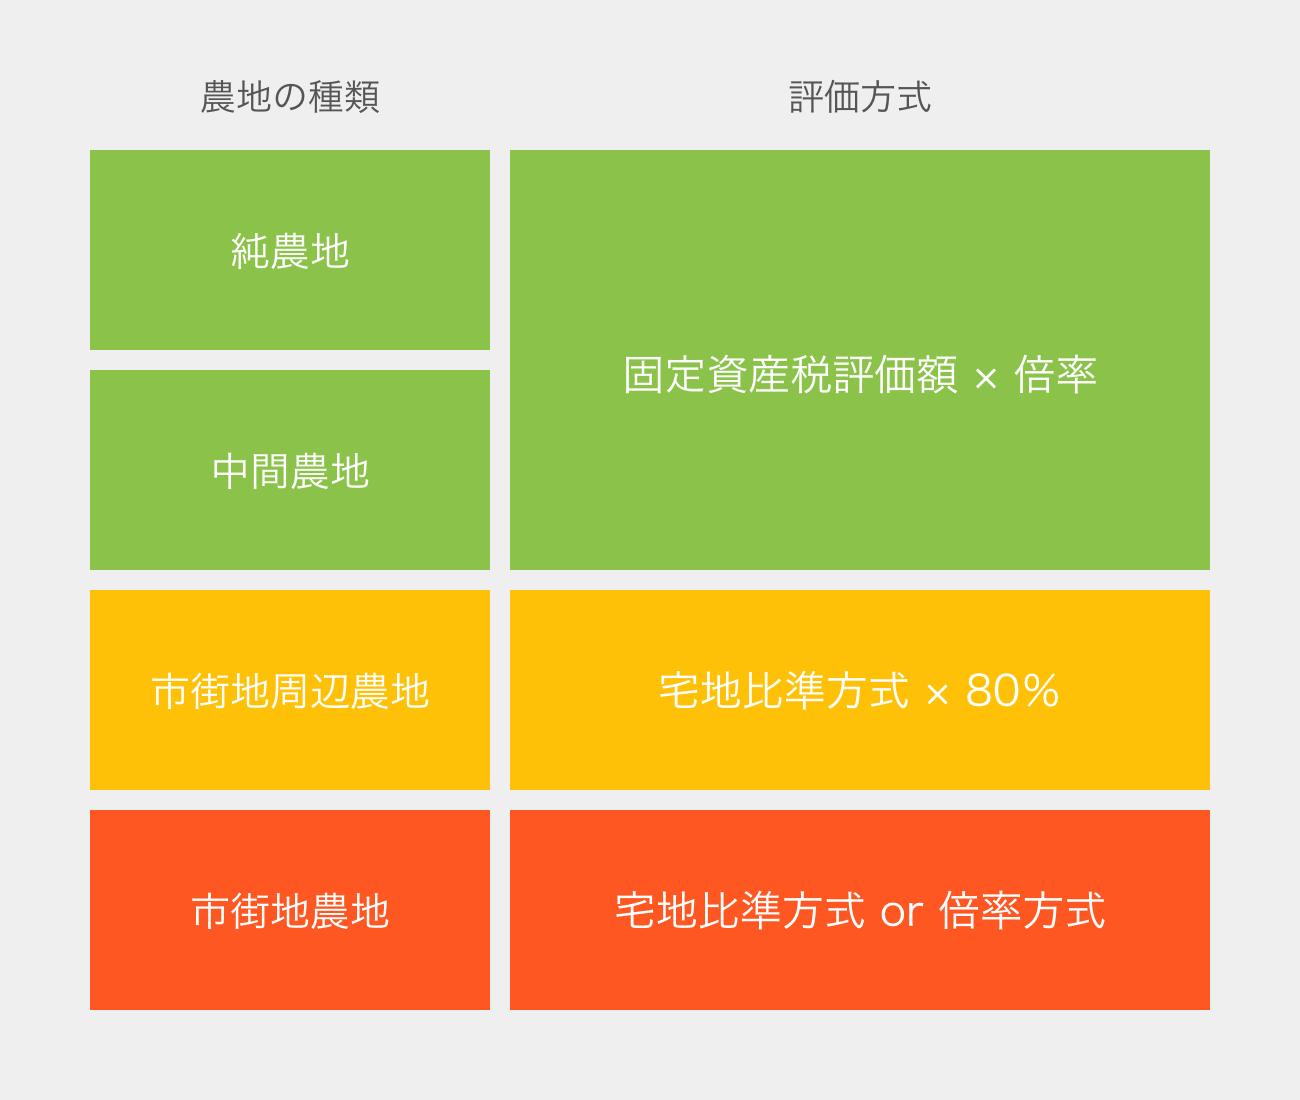 農地の評価方式の図